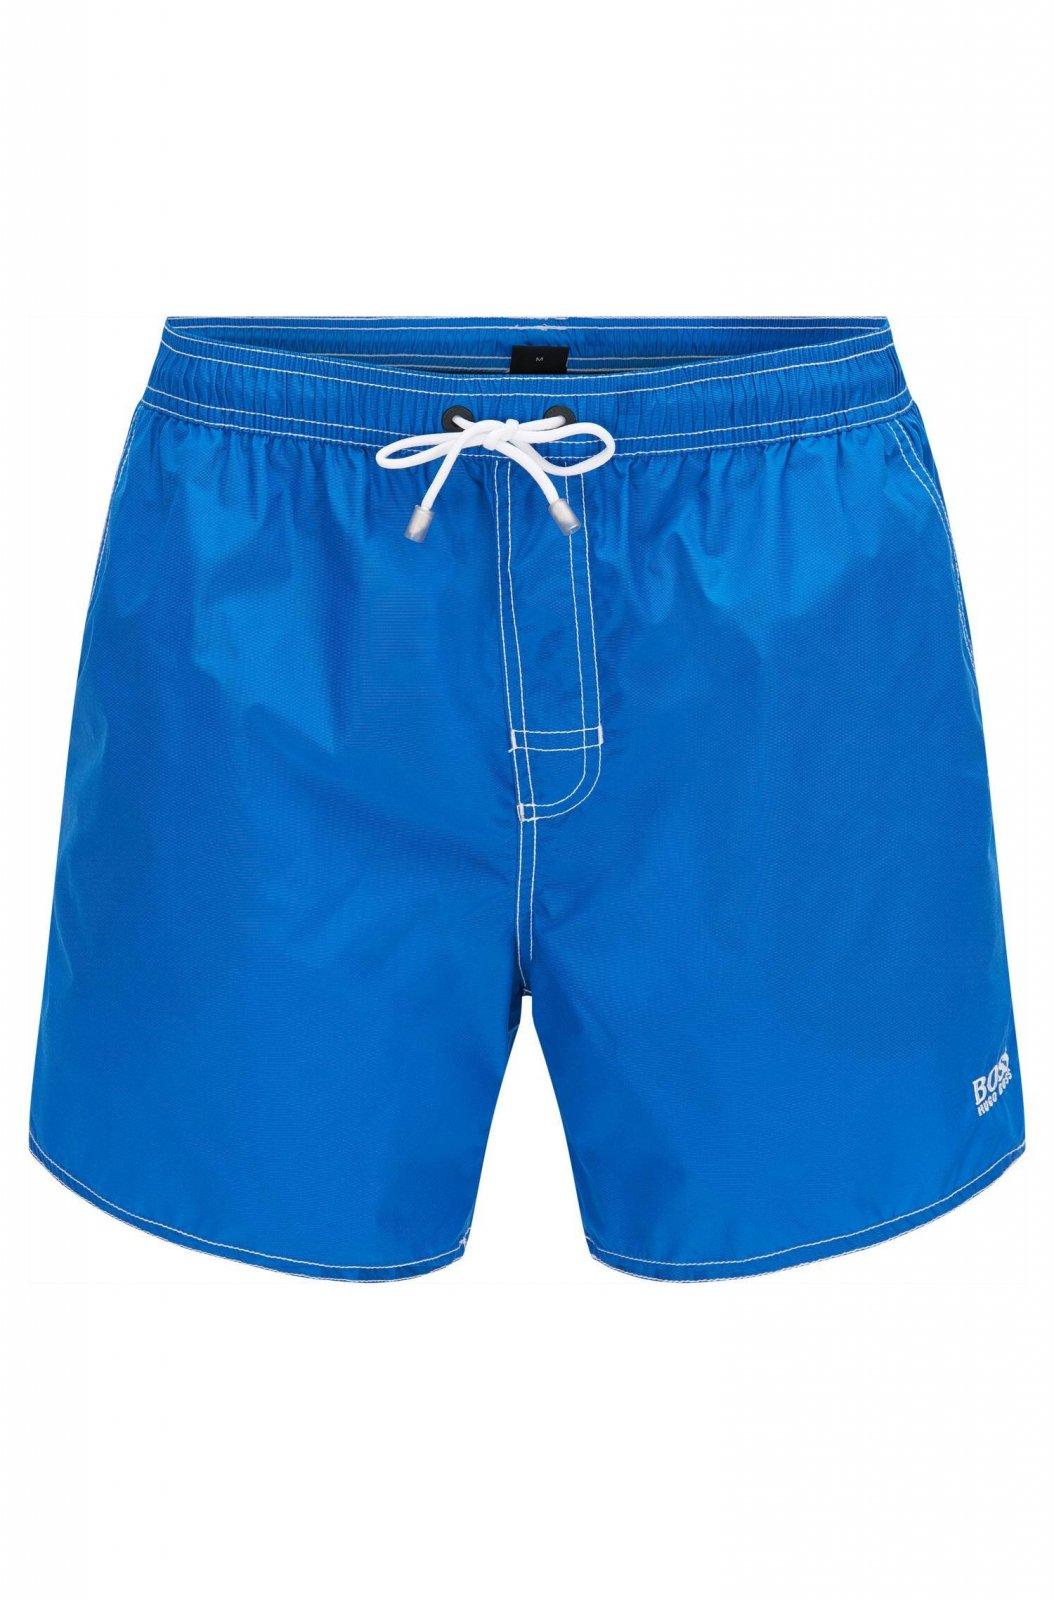 f72c38b3f40 HUGO BOSS Short de bain séchage rapide bleu Lobster - 50332322 ...